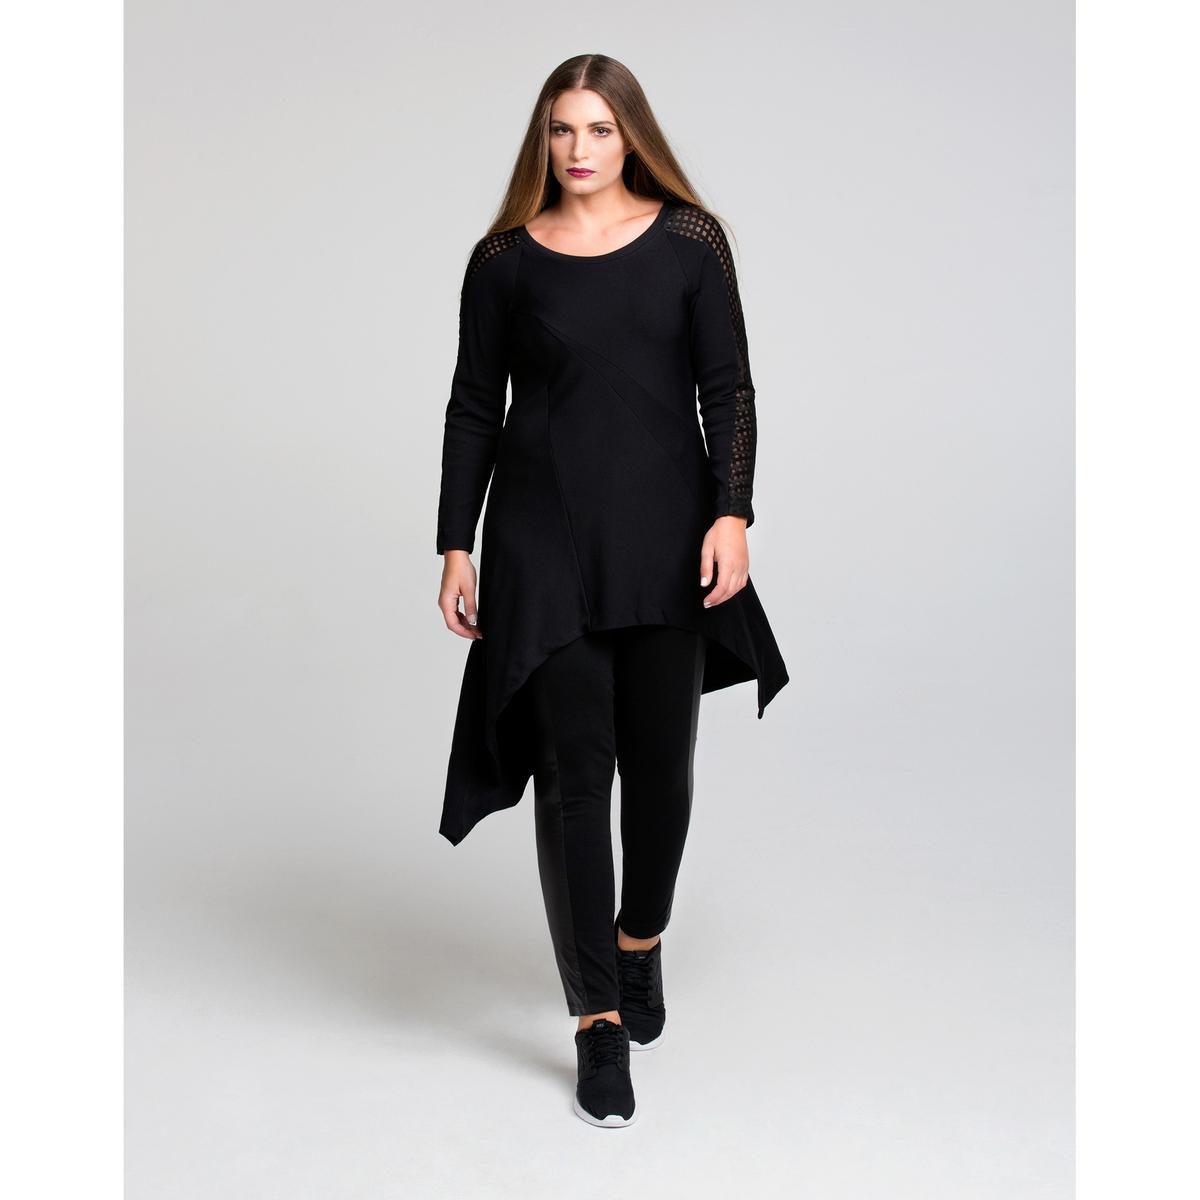 Платье асимметричноеПлатье асимметричное с длинными рукавами MAT FASHION. 97% полиэстера, 3% эластана.Асимметричный струящийся покрой, однотонные ткани из лоскутов, рукава и плечи в клетку из элегантной прозрачной ткани. Длинные рукава. Закругленный вырез.<br><br>Цвет: черный<br>Размер: 44/46 (FR) - 50/52 (RUS).52/54 (FR) - 58/60 (RUS)